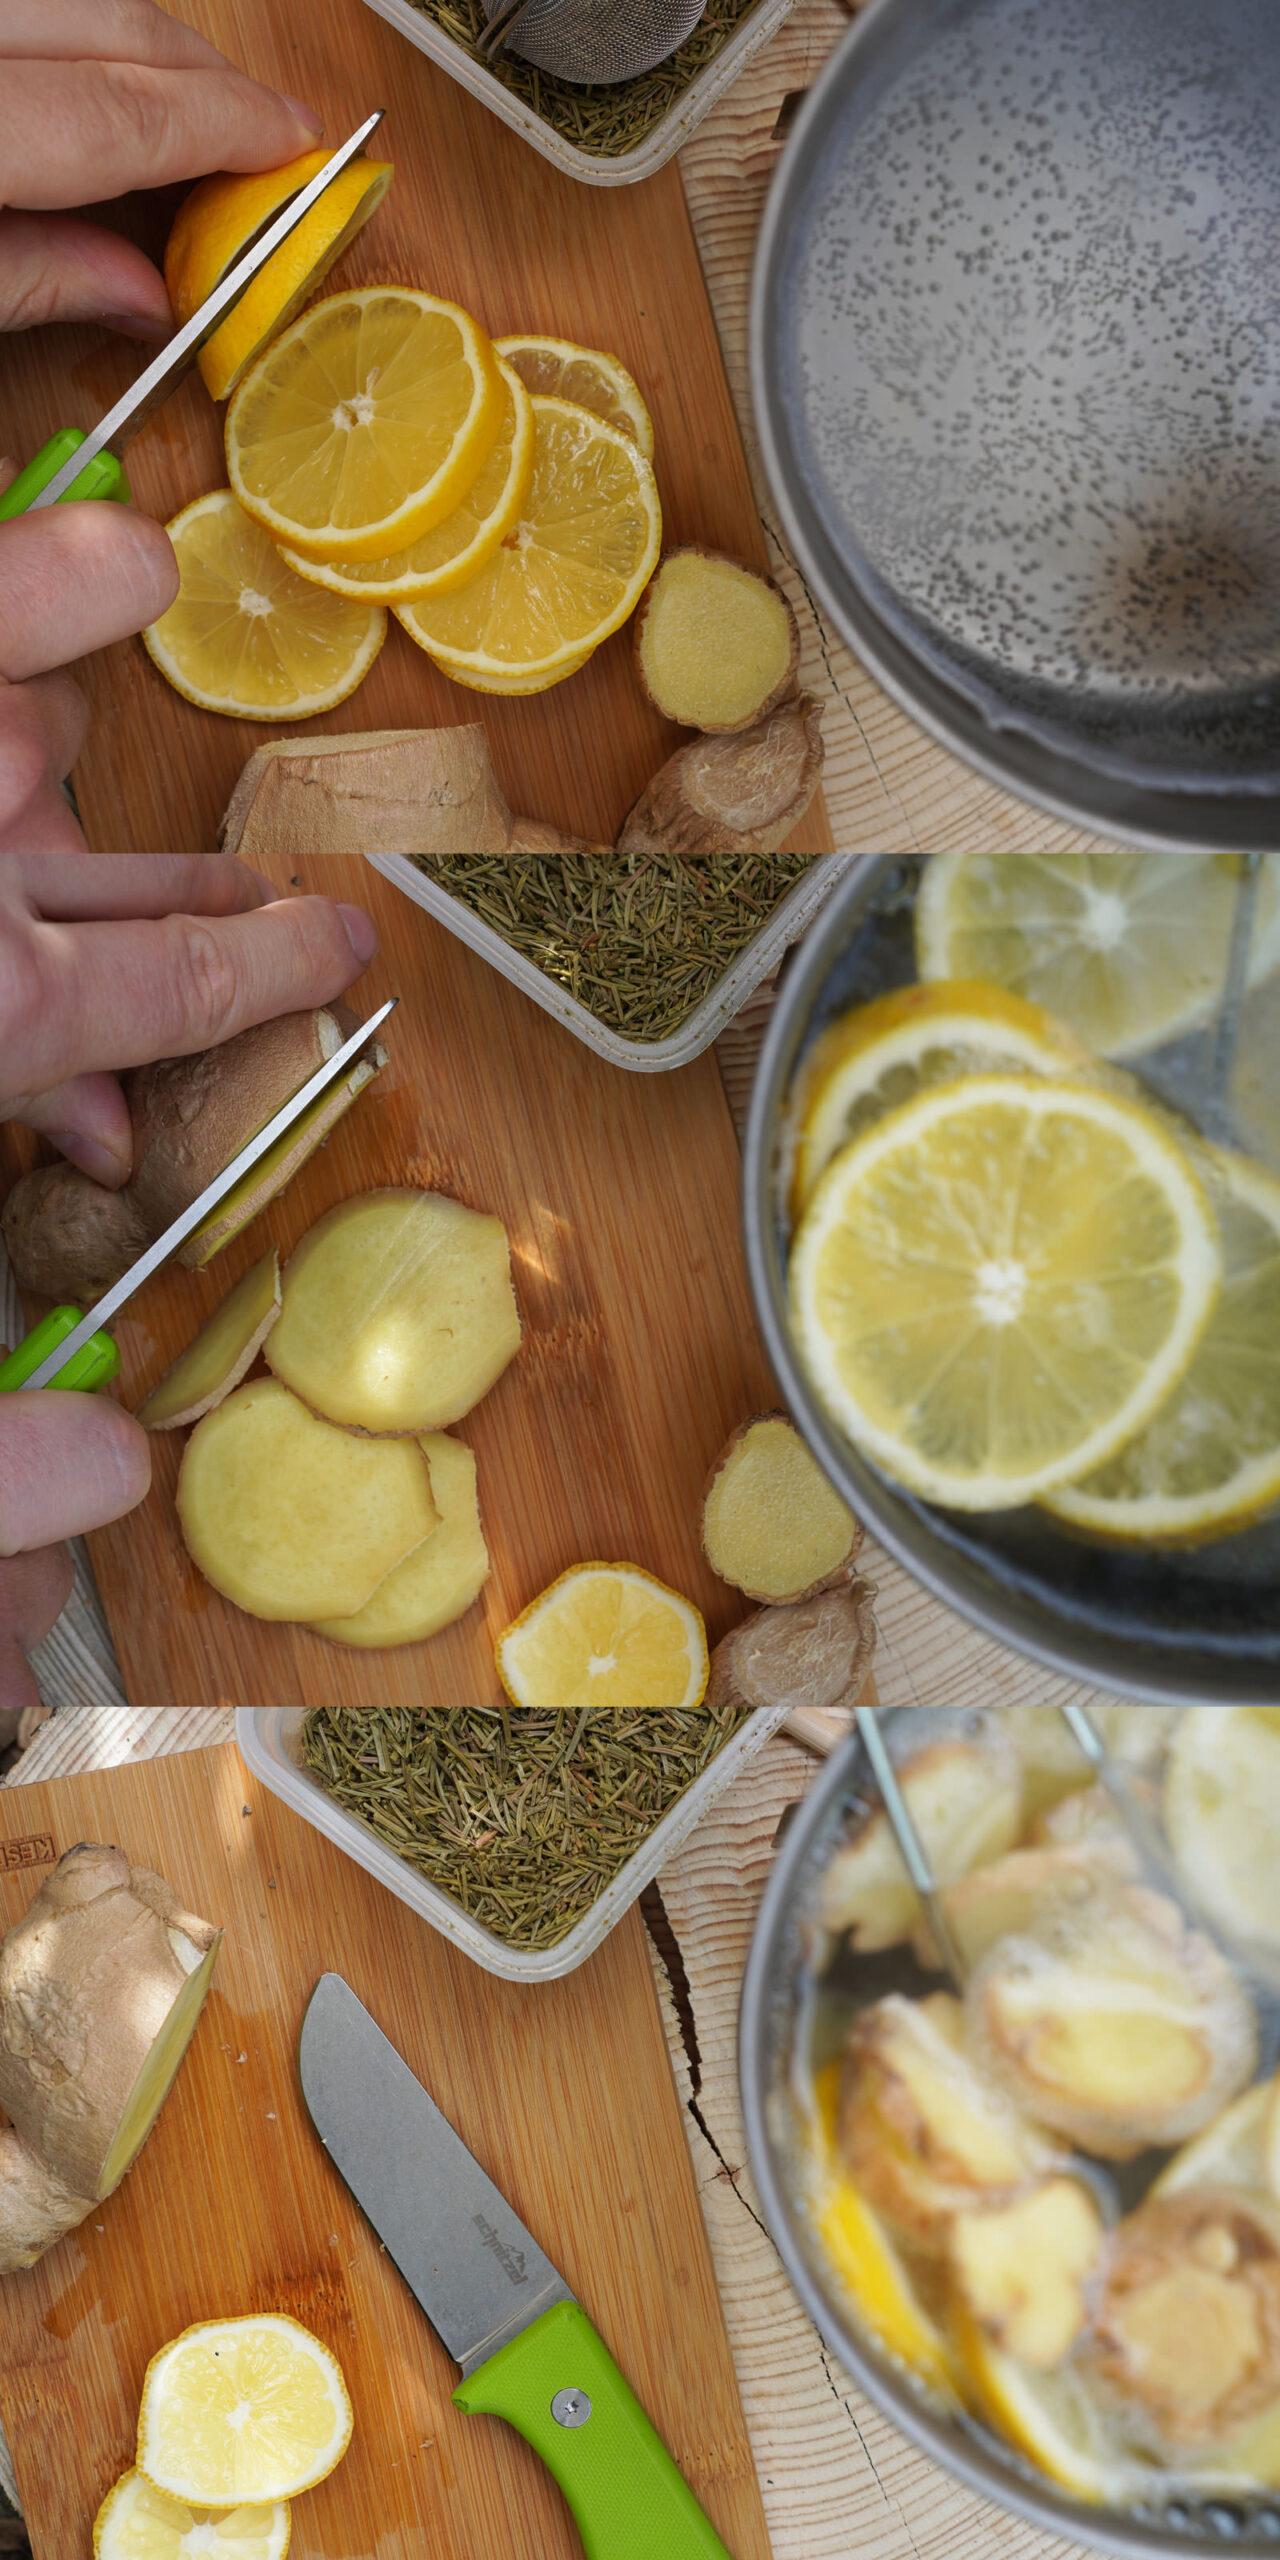 Schnitzel UNU als Outdoor Kochmesser beim Zubereiten von Zitronen-Ingwer-Fichtennadel-Tee.